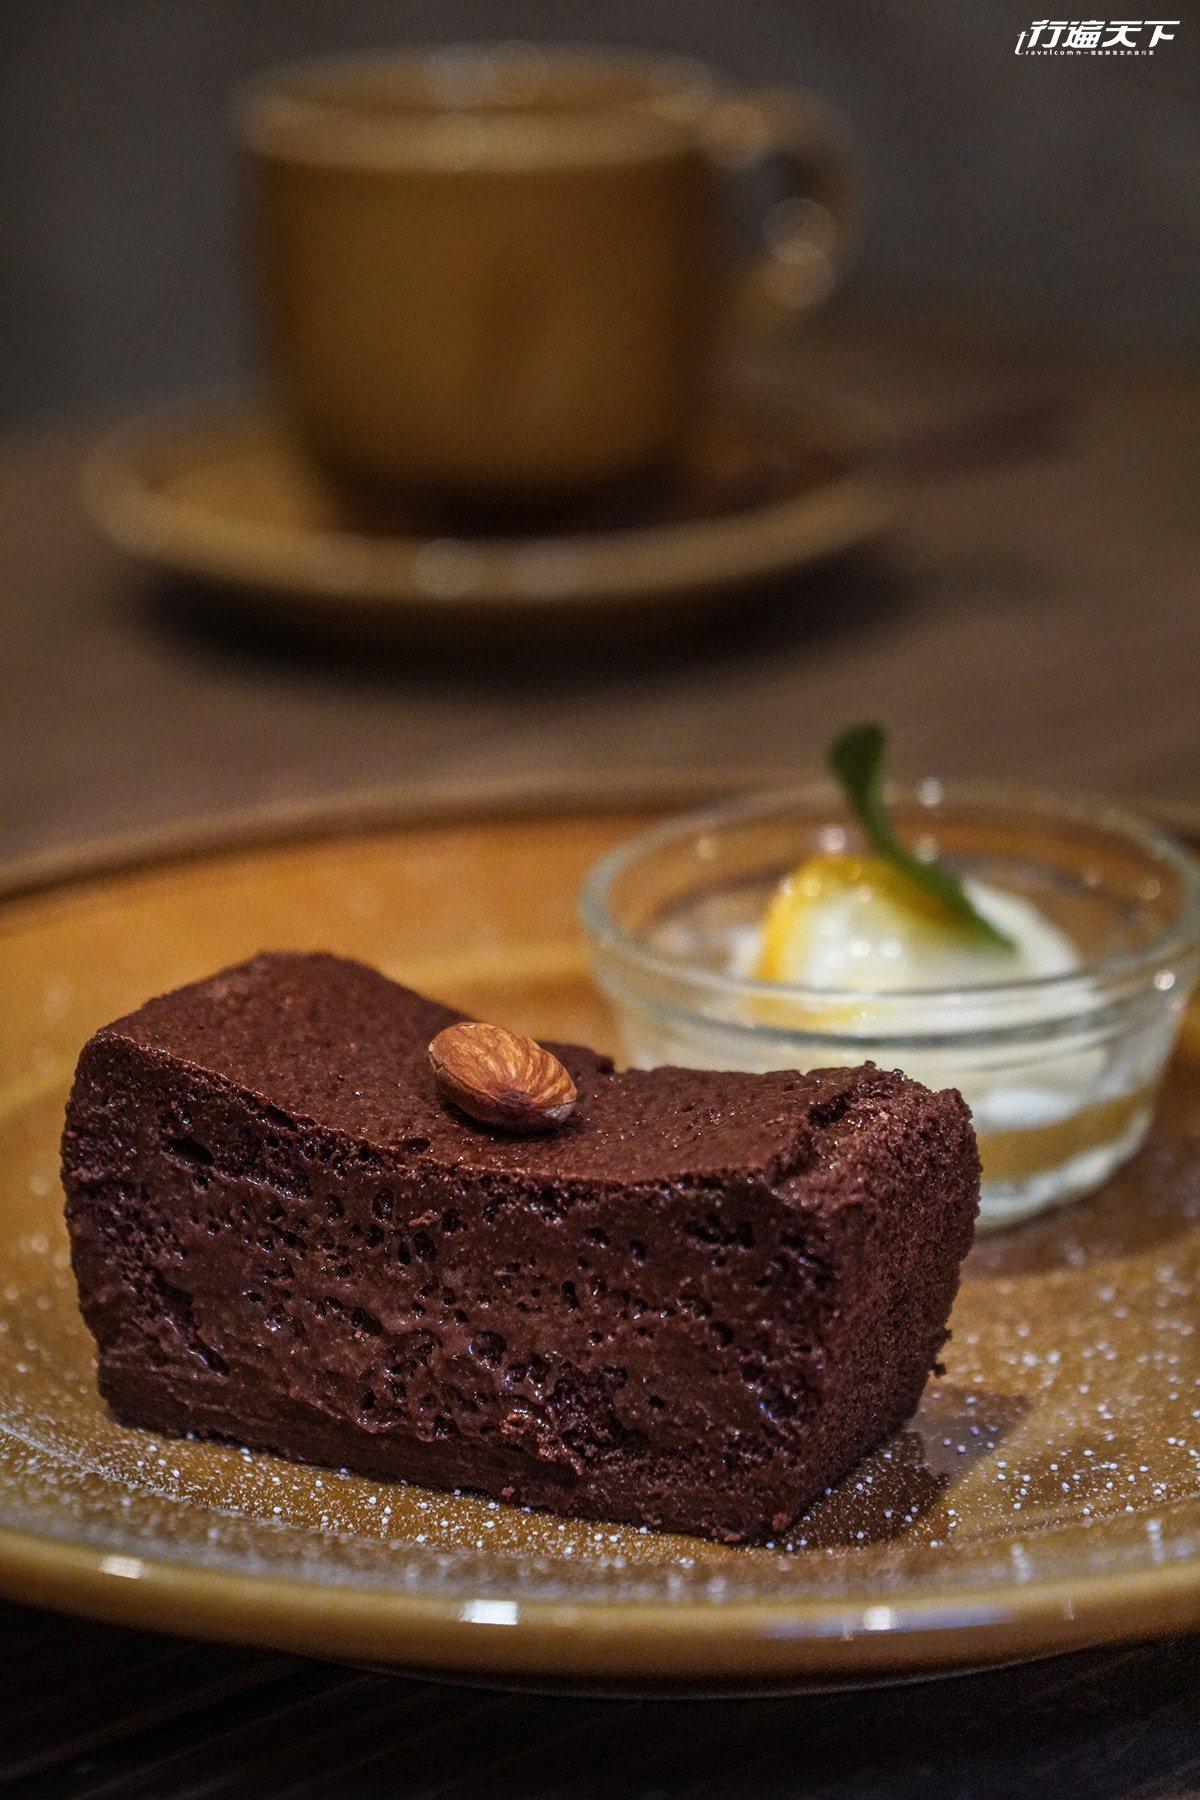 ▲會融化人心的巧克力蛋糕,不但不甜更是口口又清爽又濃郁的巧克力濃香。